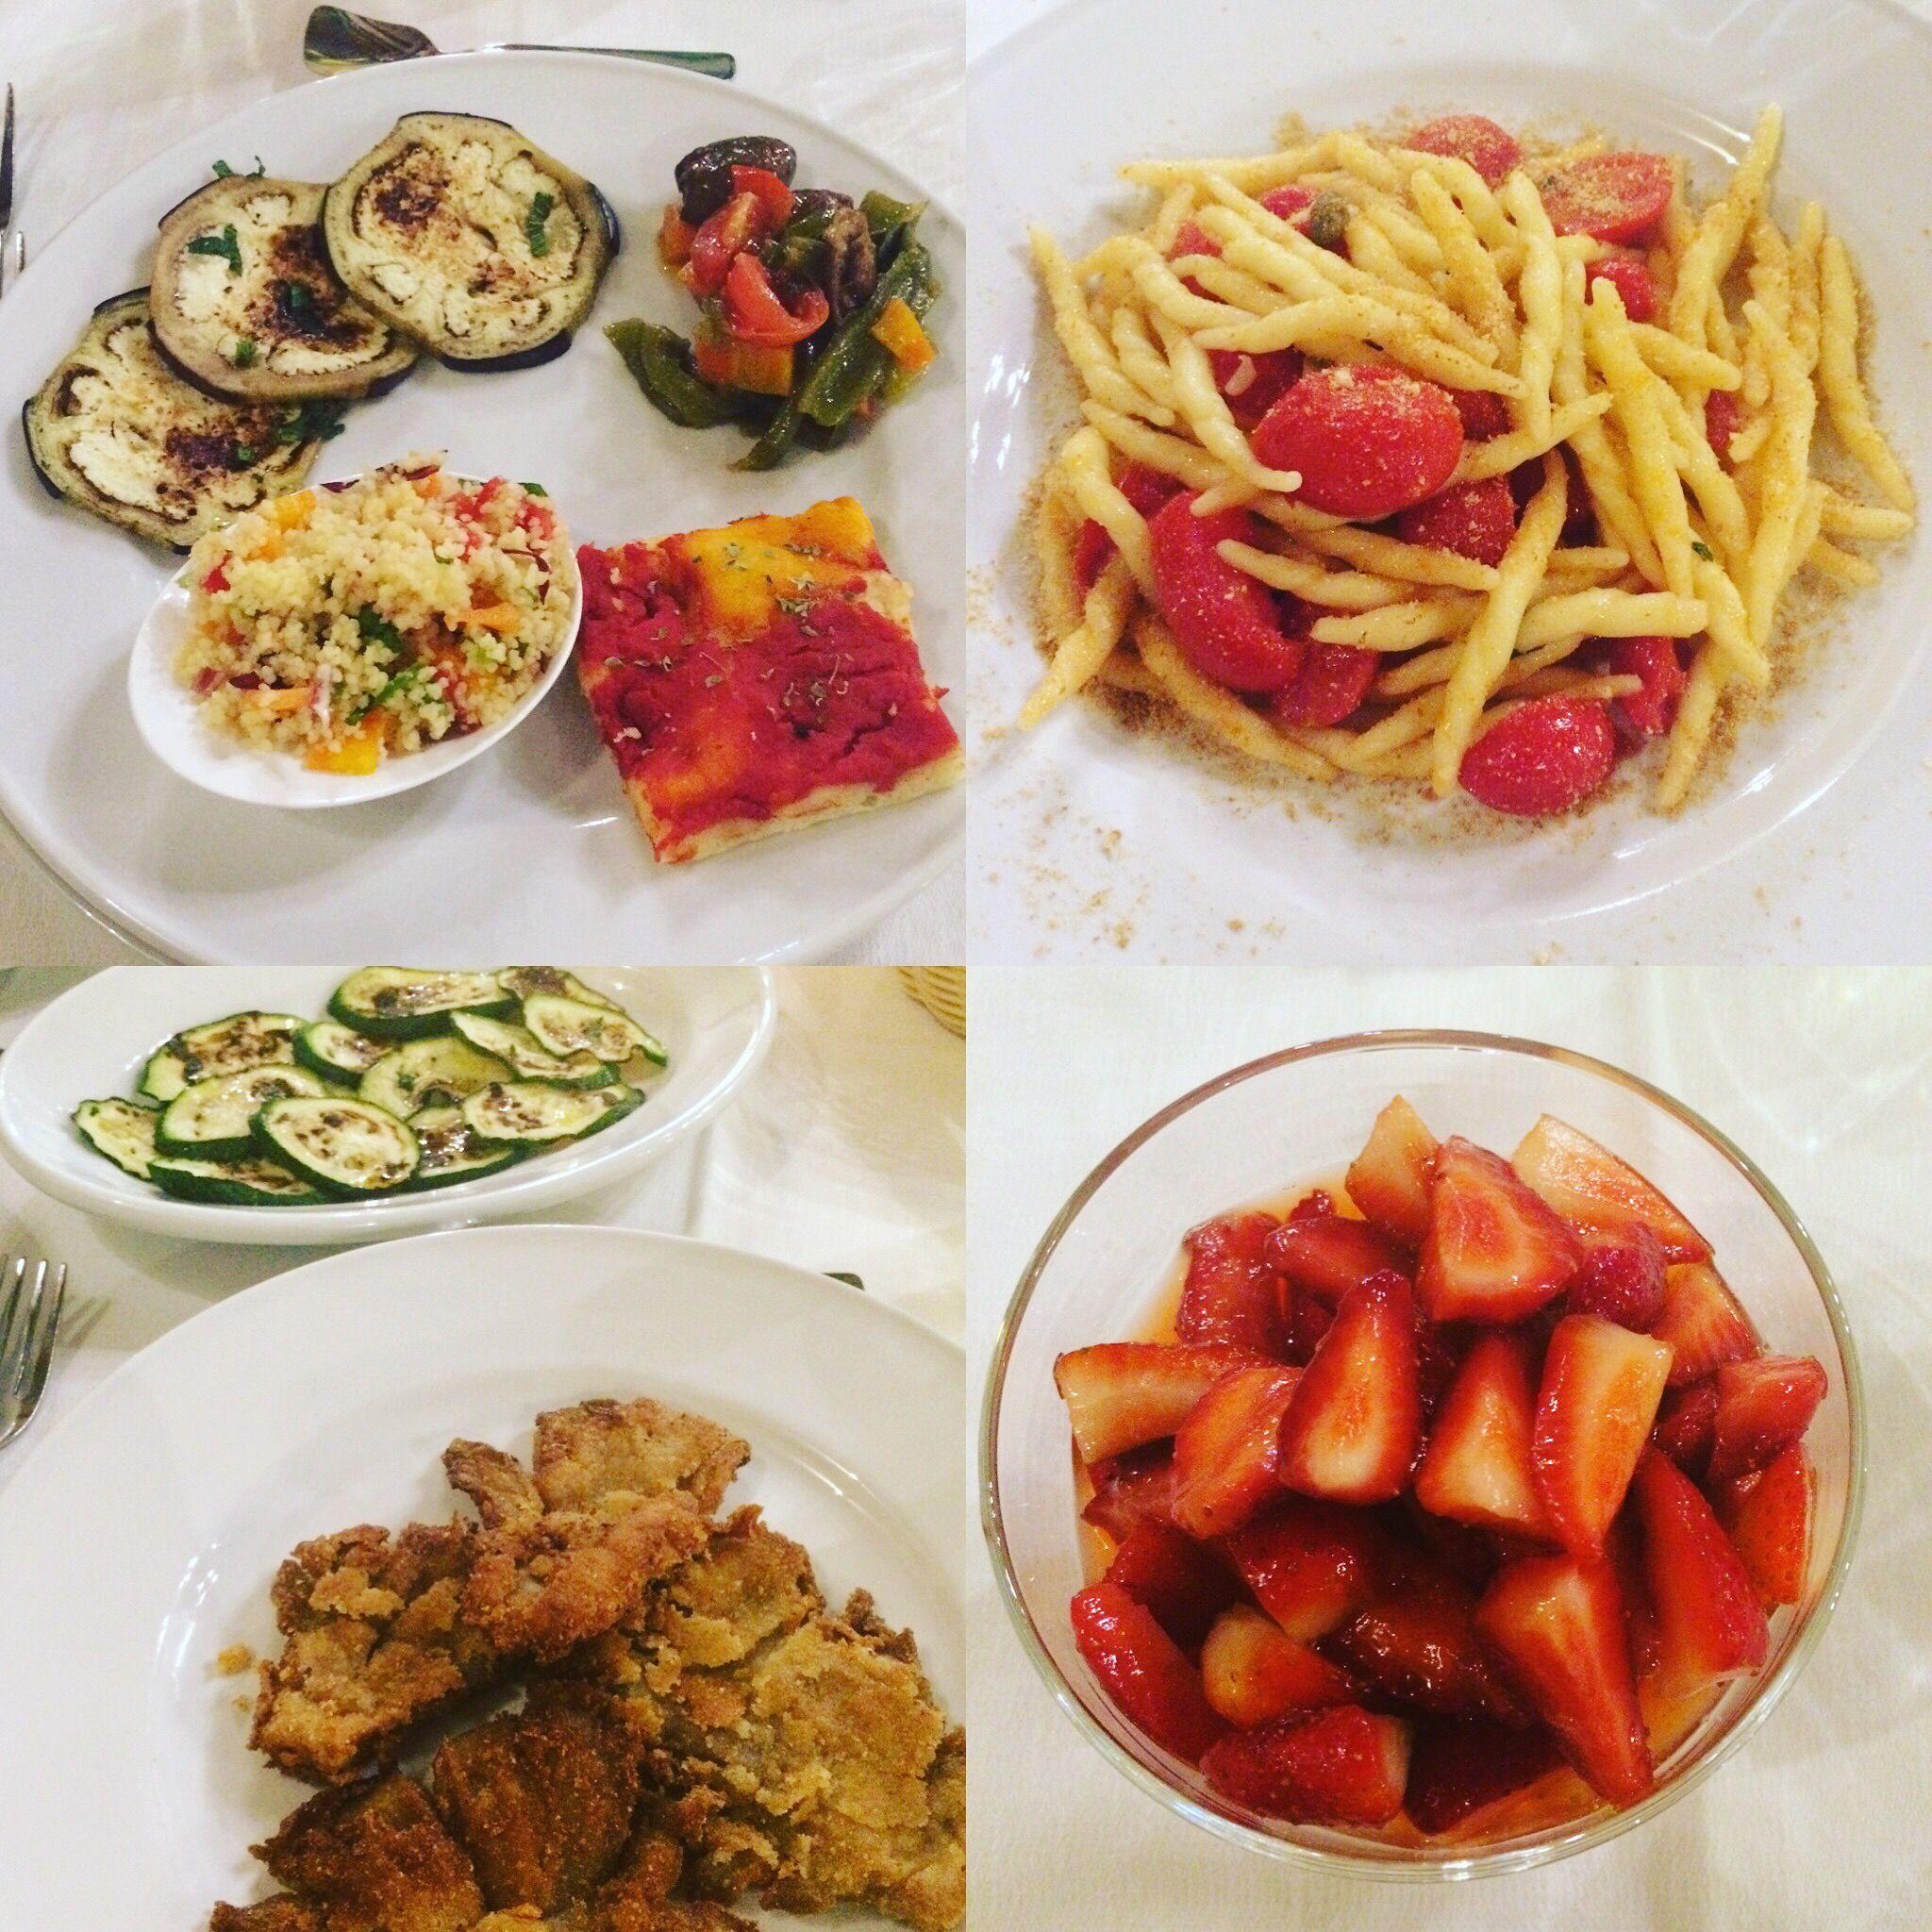 Vegan Sicily travel guide | Vegan, Vegan options, Vegetarian